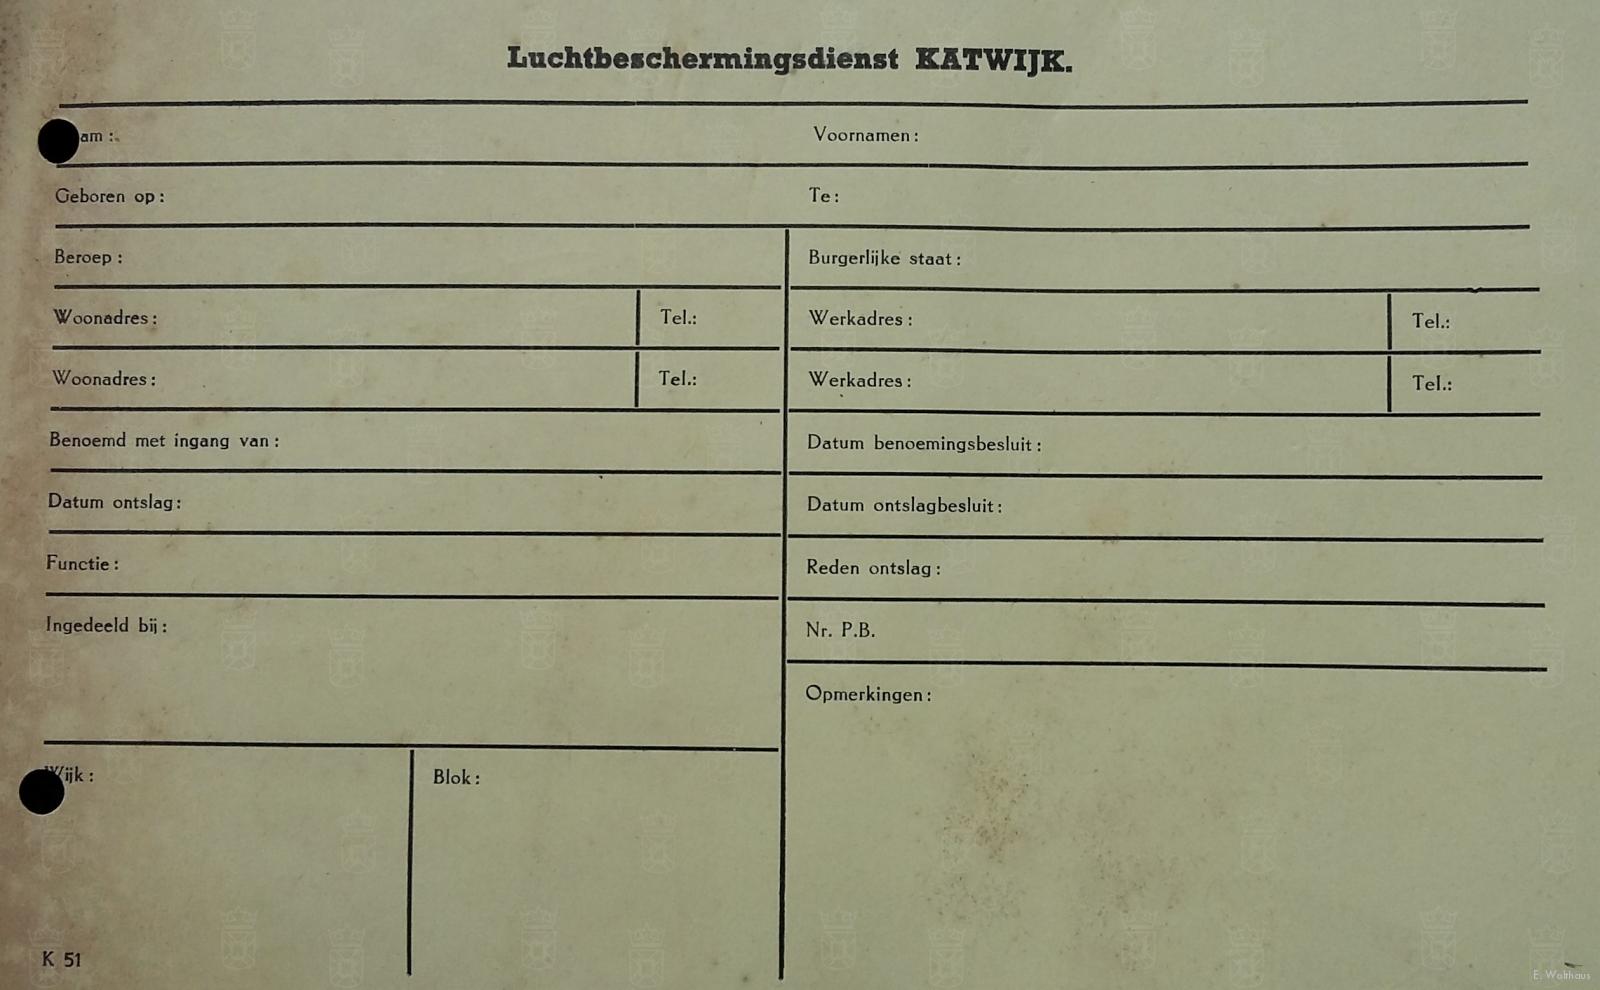 Een lidmaatschapskaart van de Luchtbescherming Katwijk.